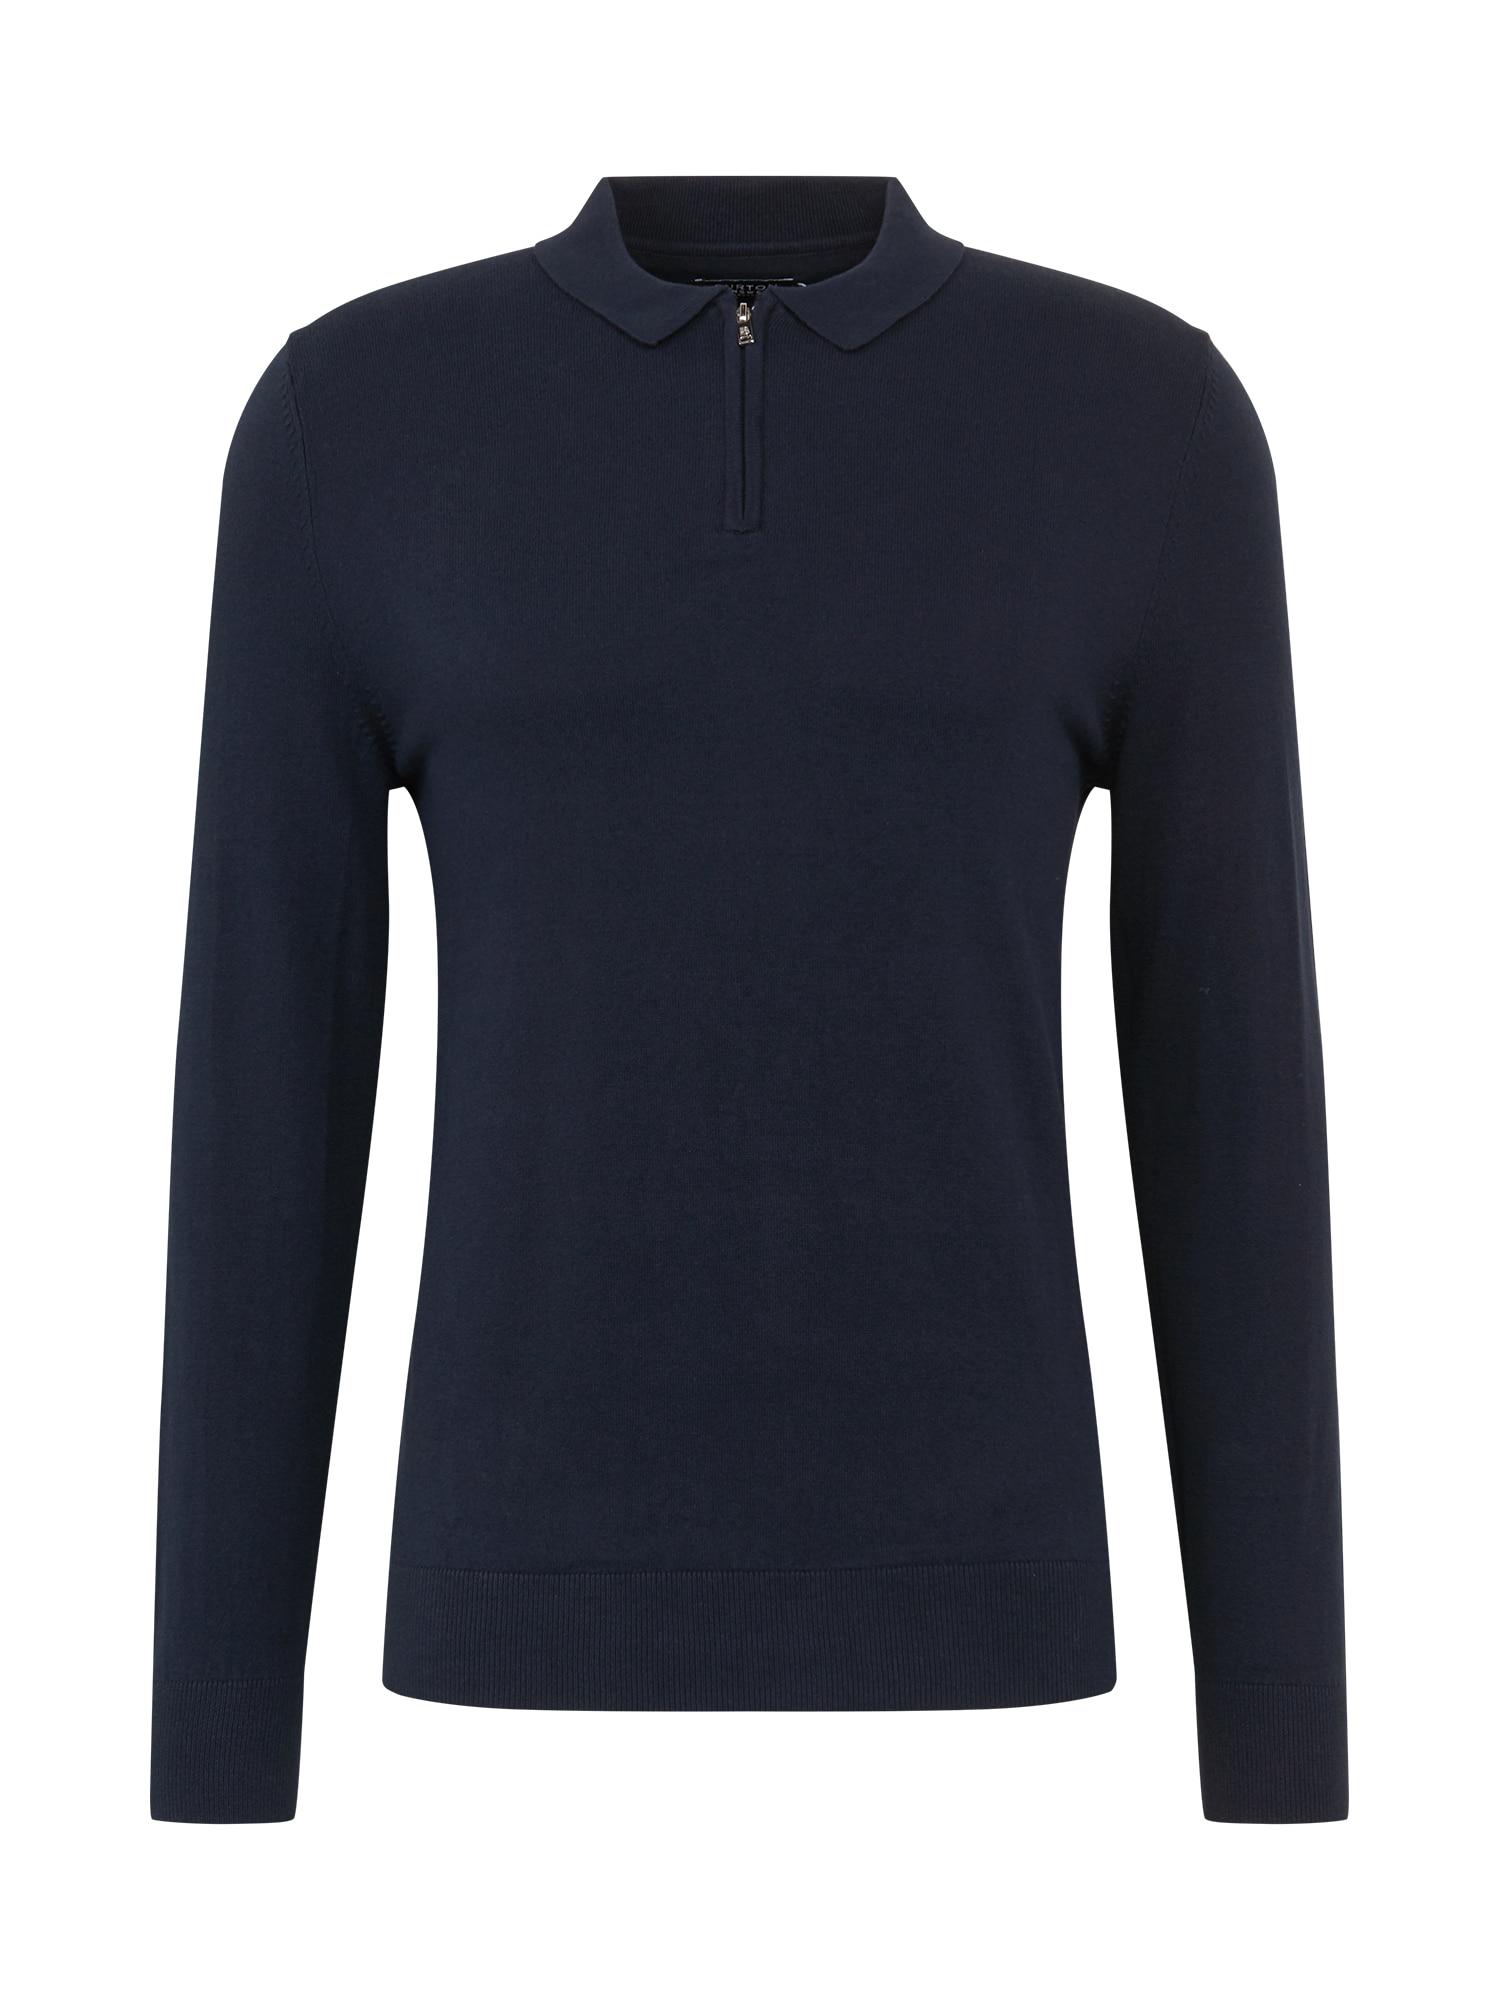 BURTON MENSWEAR LONDON Marškinėliai nakties mėlyna